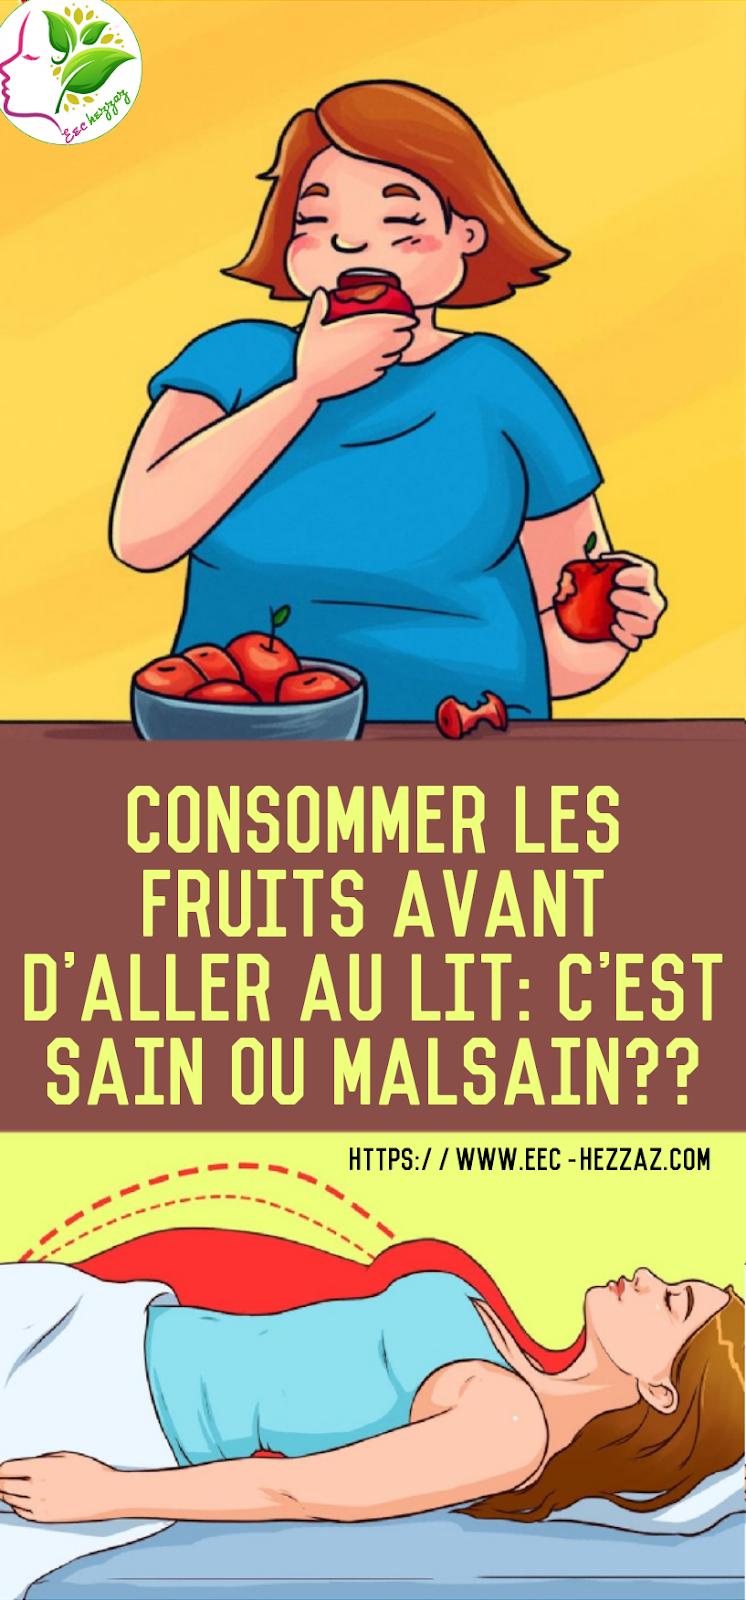 Consommer les fruits avant d'aller au lit: c'est sain ou malsain??